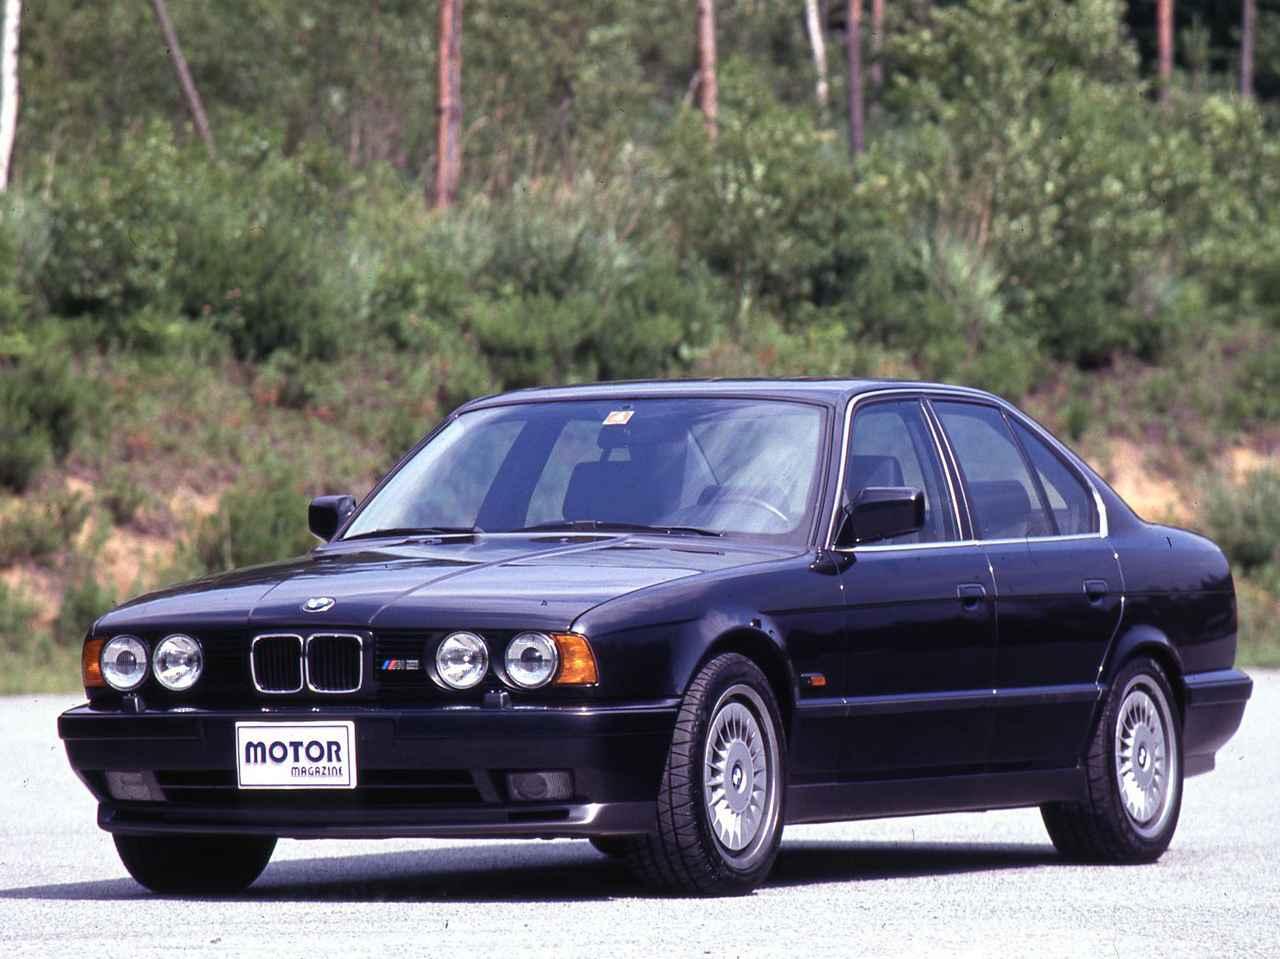 【BMW Mの系譜(4)】M5(E34)は高性能、高品質なスポーツセダンという個性を確立した